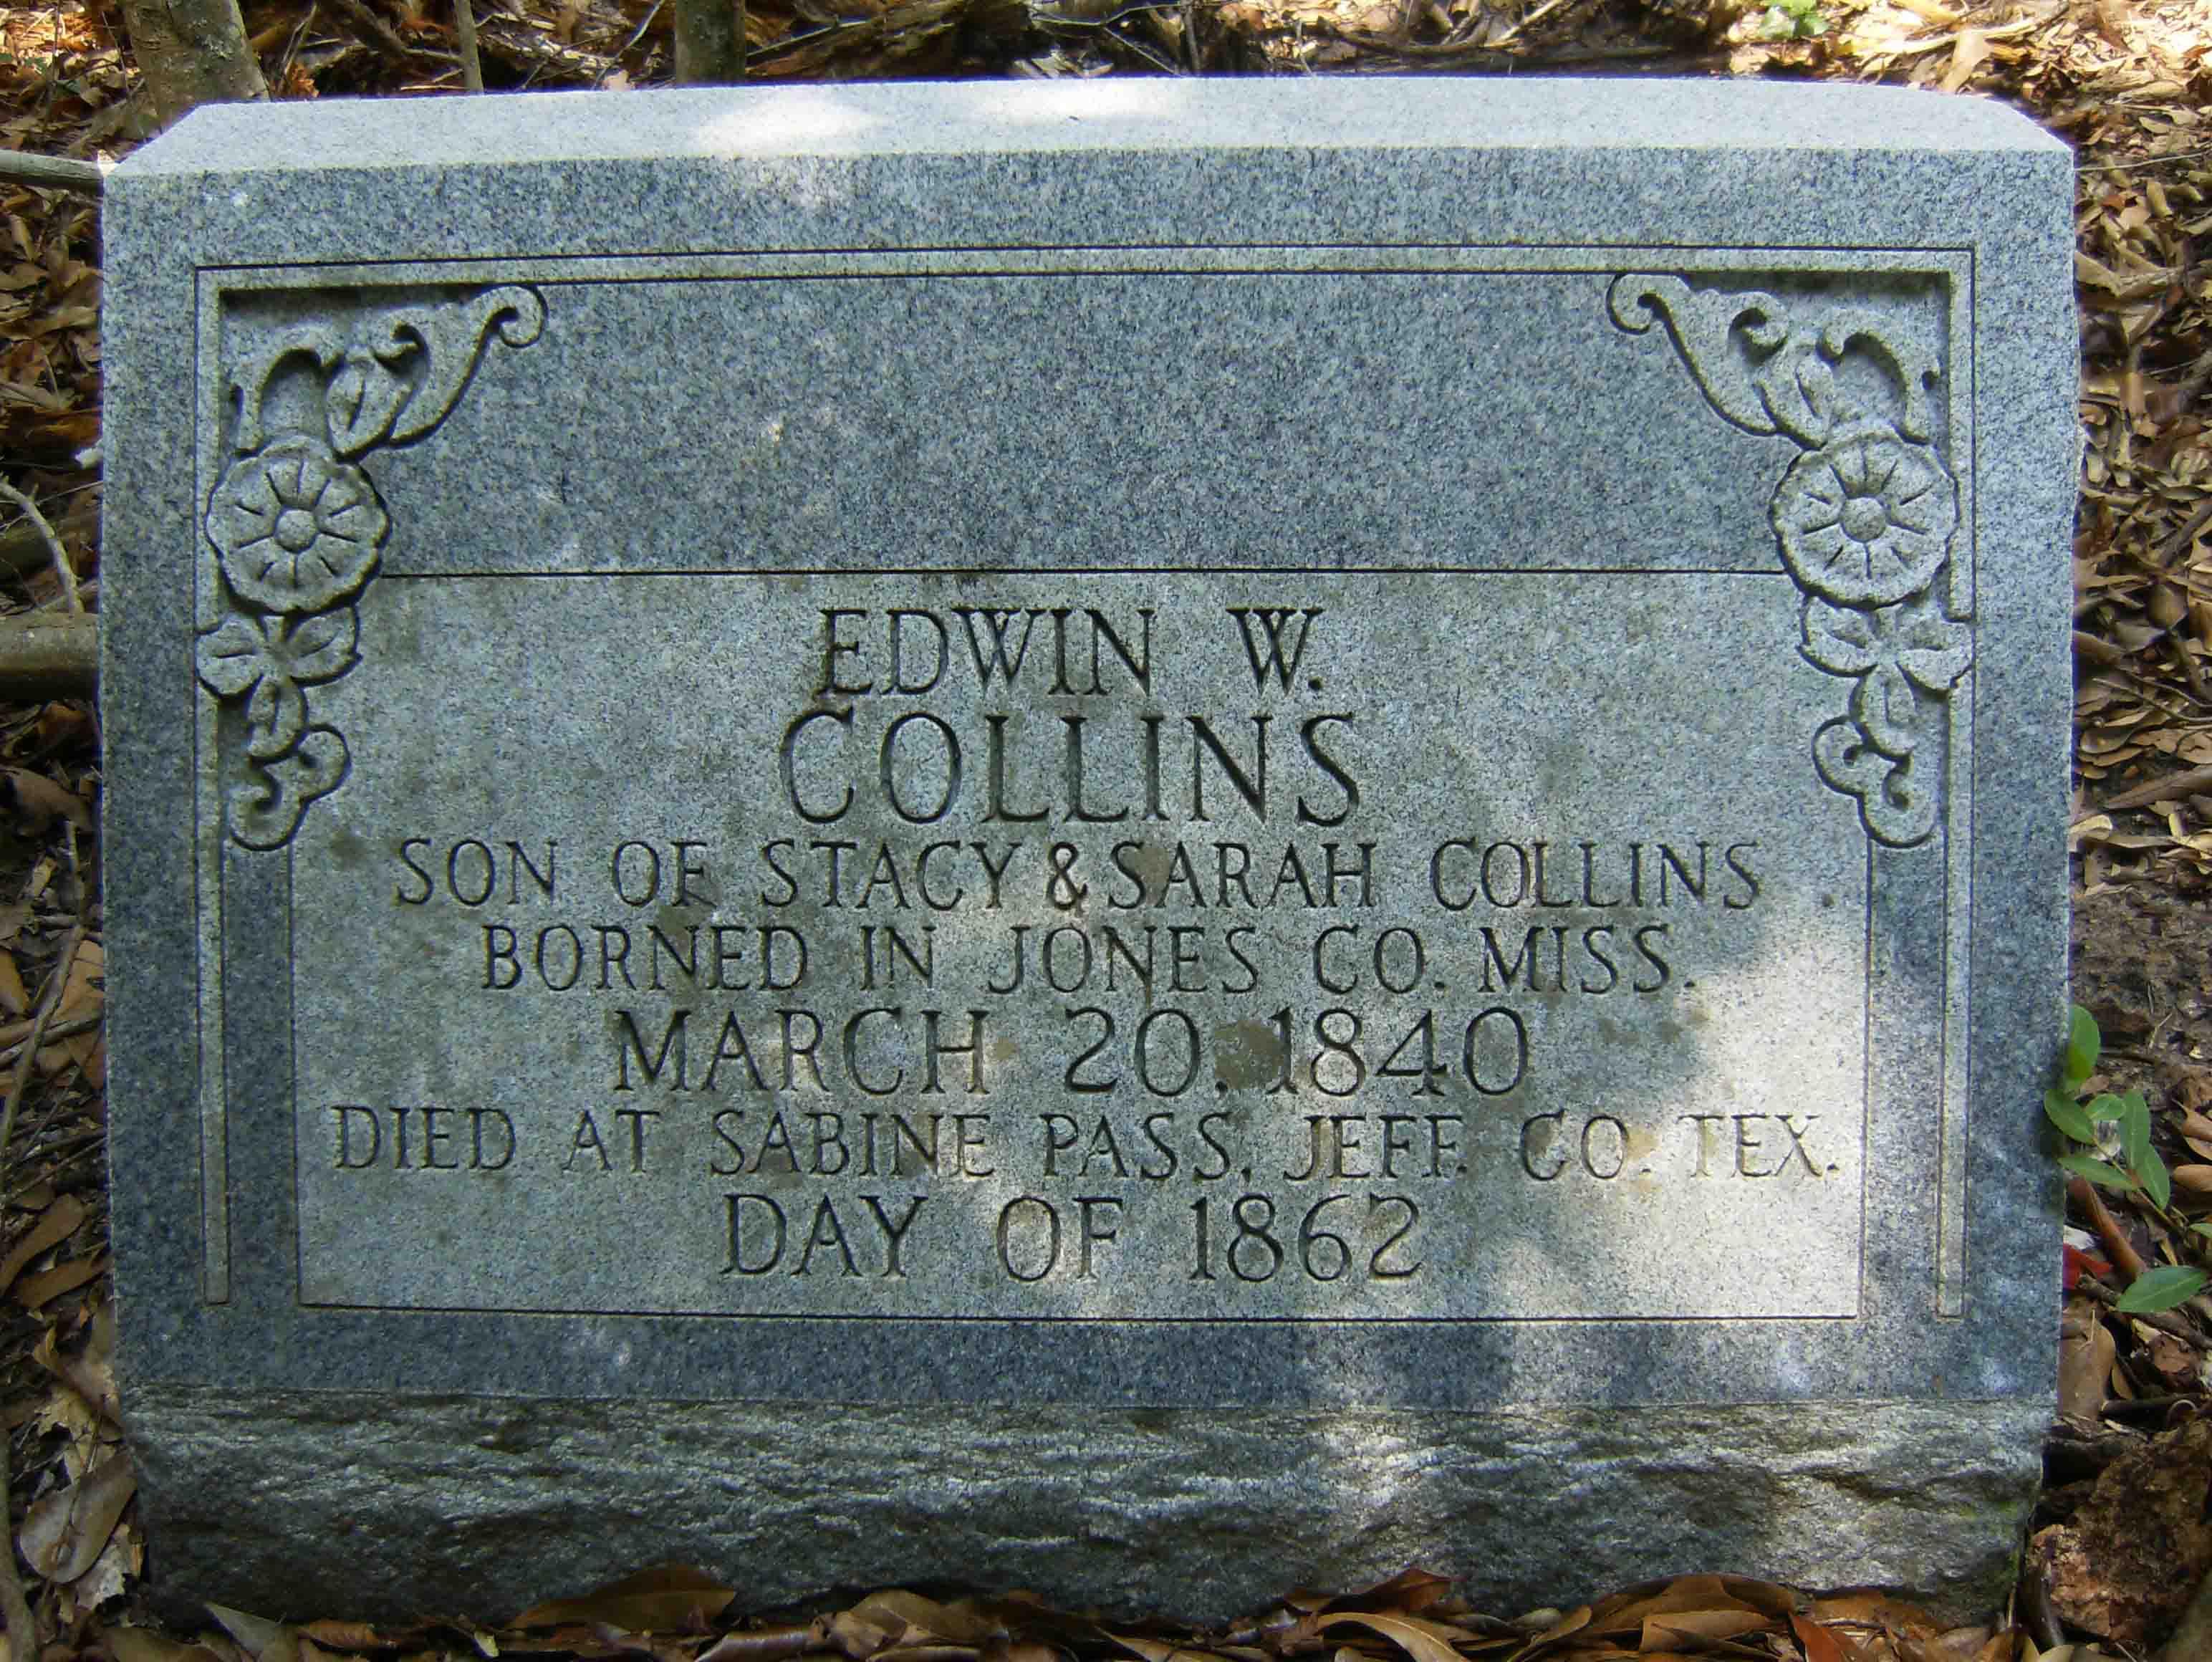 Edwin W. Collins